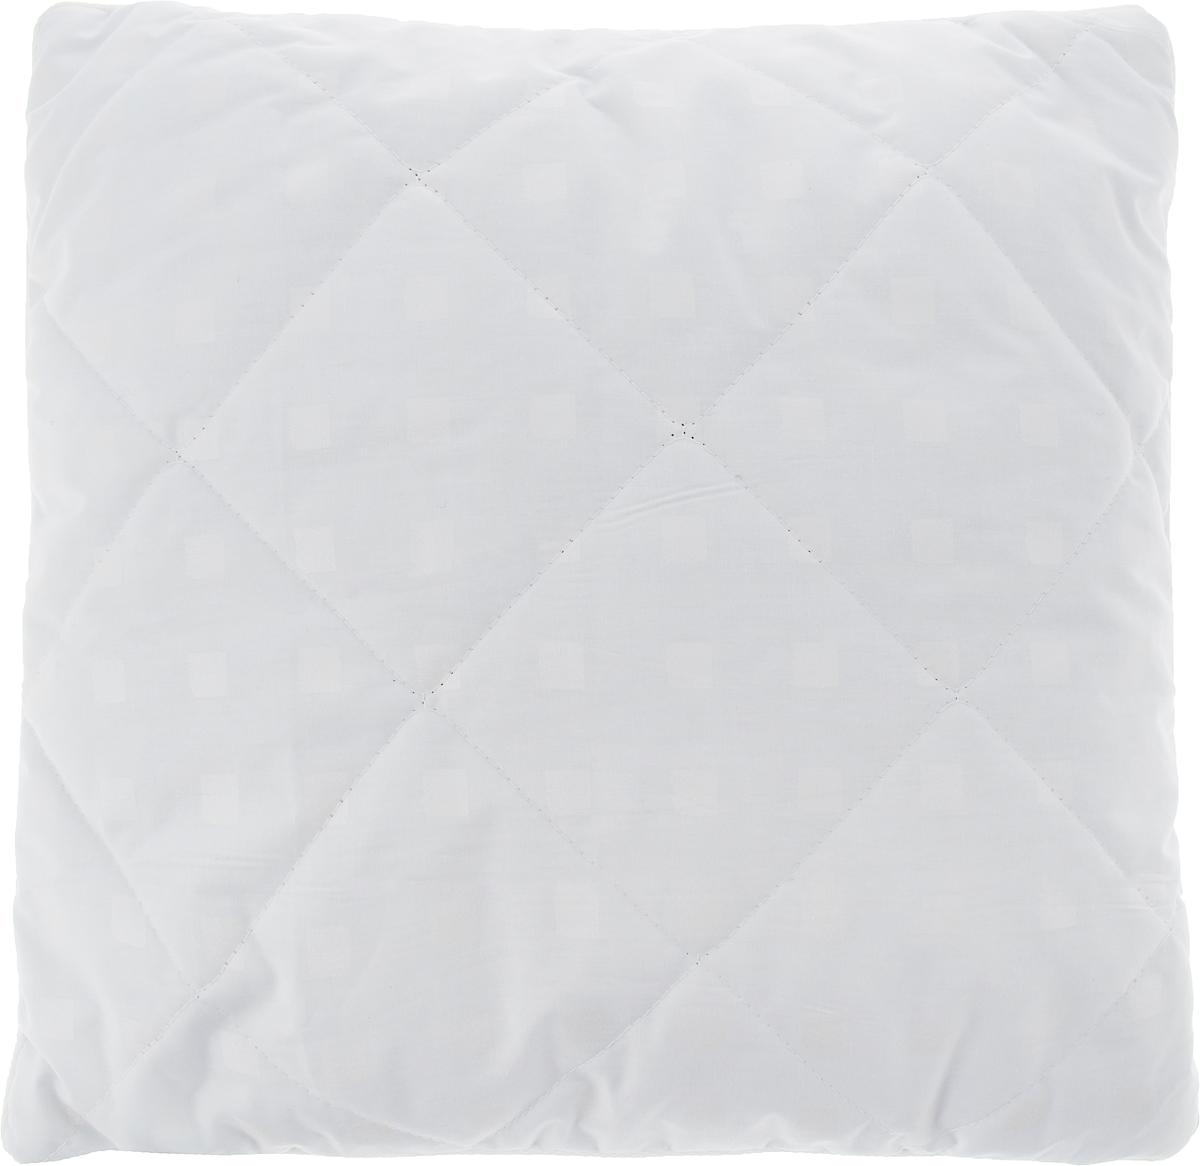 Подушка Bio-Teхtiles Очарование, наполнитель: искусственный лебяжий пух, цвет: белый, 40 х 40 см подушка bio textiles полезный сон наполнитель лебяжий пух цвет бежевый 50 х 70 см psl737